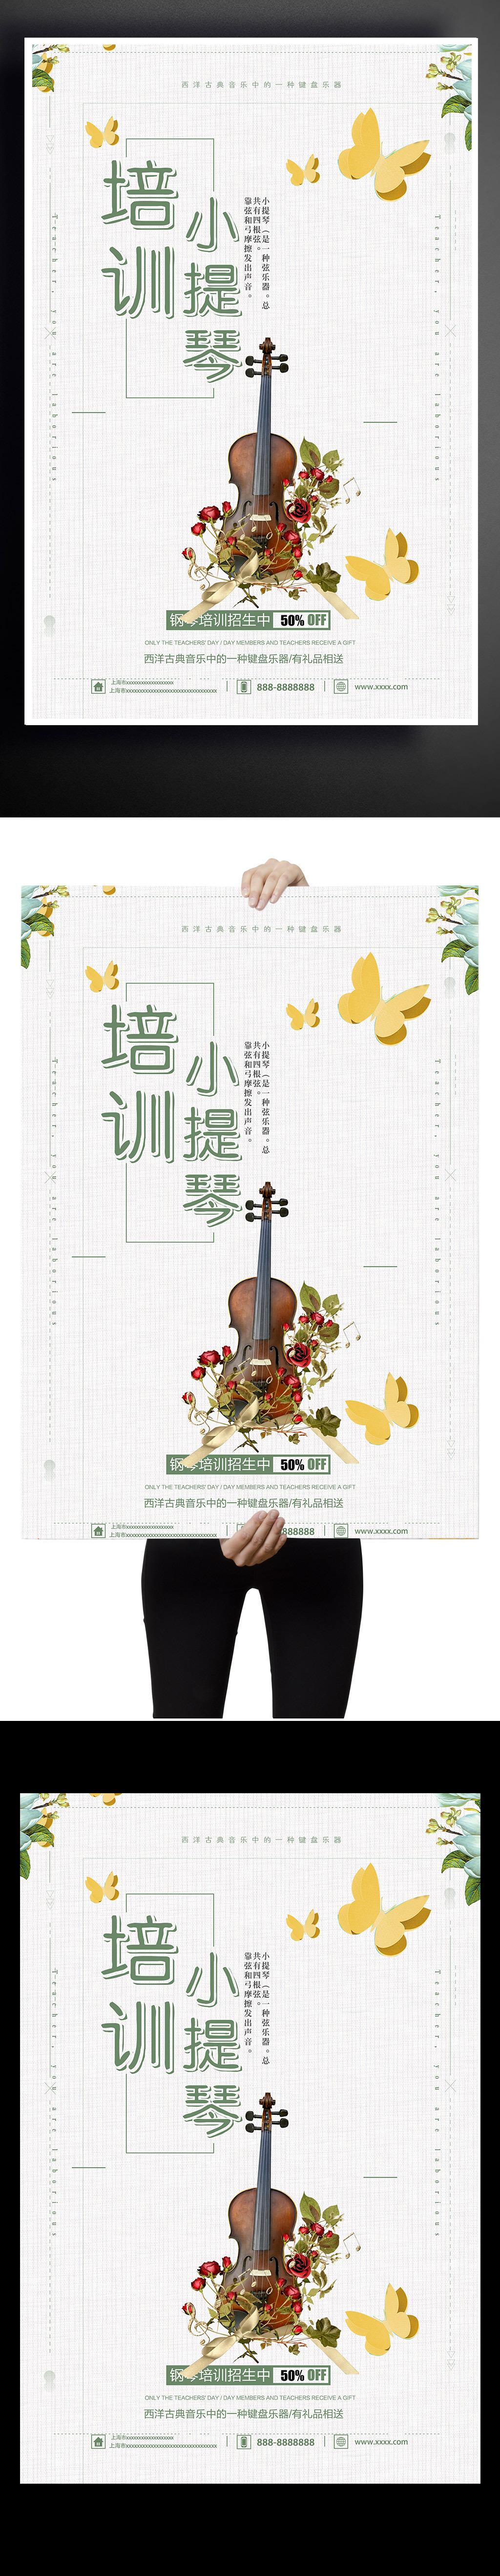 小提琴培训海报设计下载